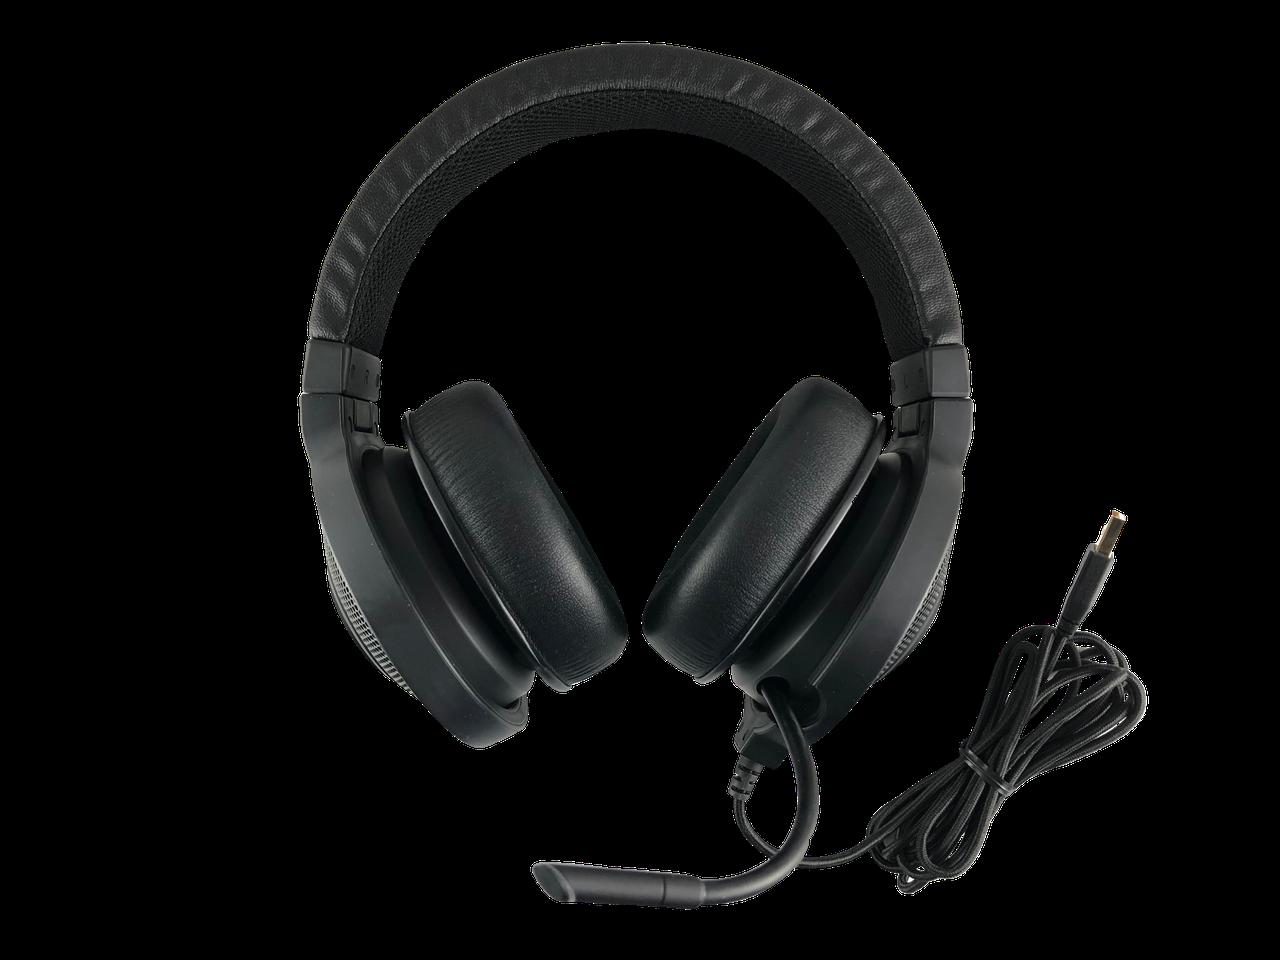 Наушники Razer Kraken 7.1 Classic Surround Sound Gaming Headset Black Витрина